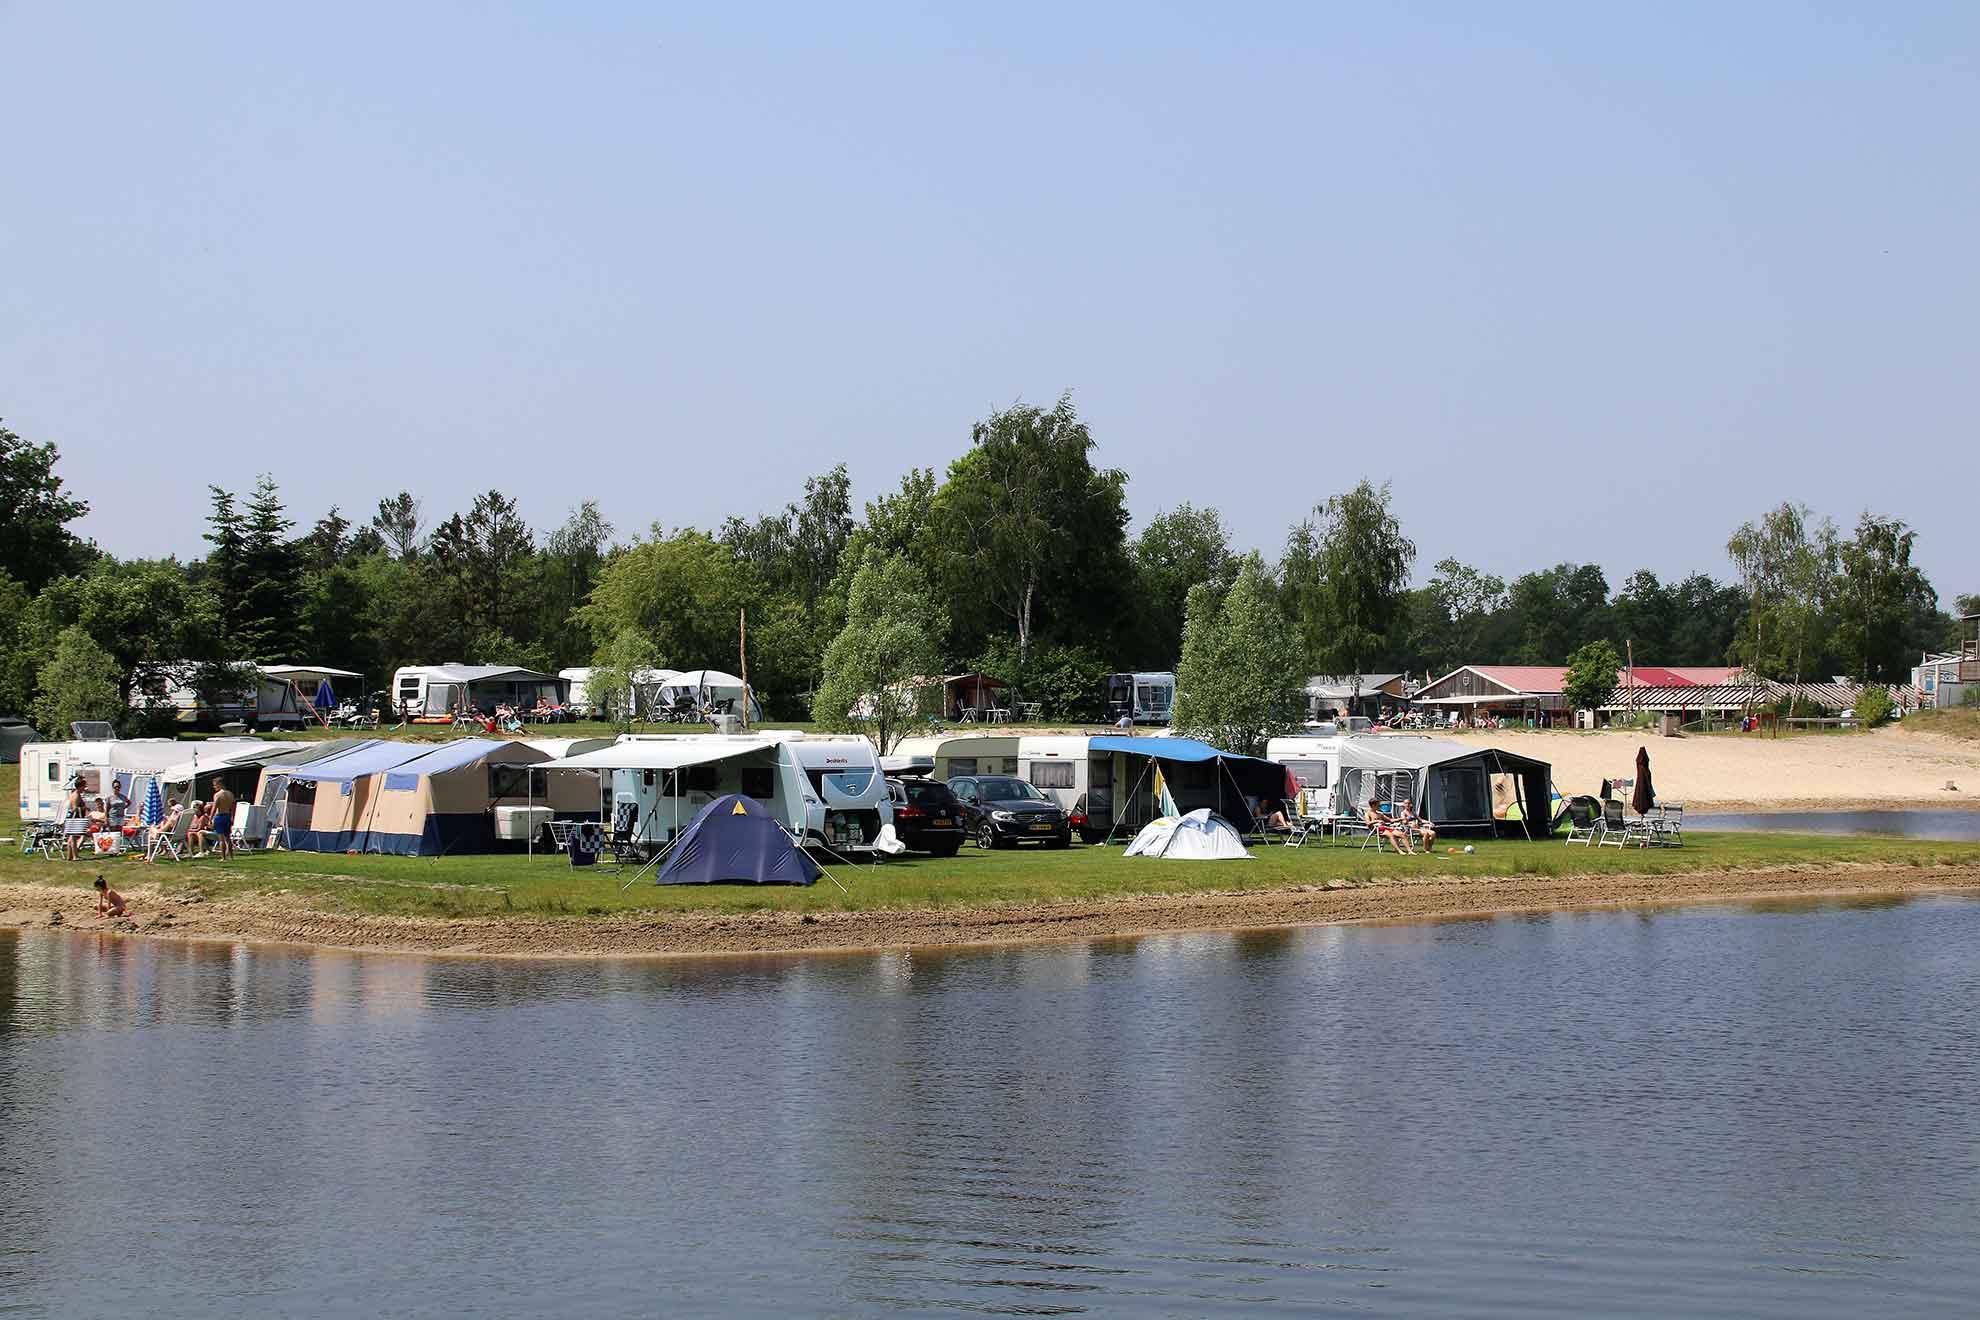 Camping in omgeving Ommen en Hardenberg - Camping in omgeving Ommen